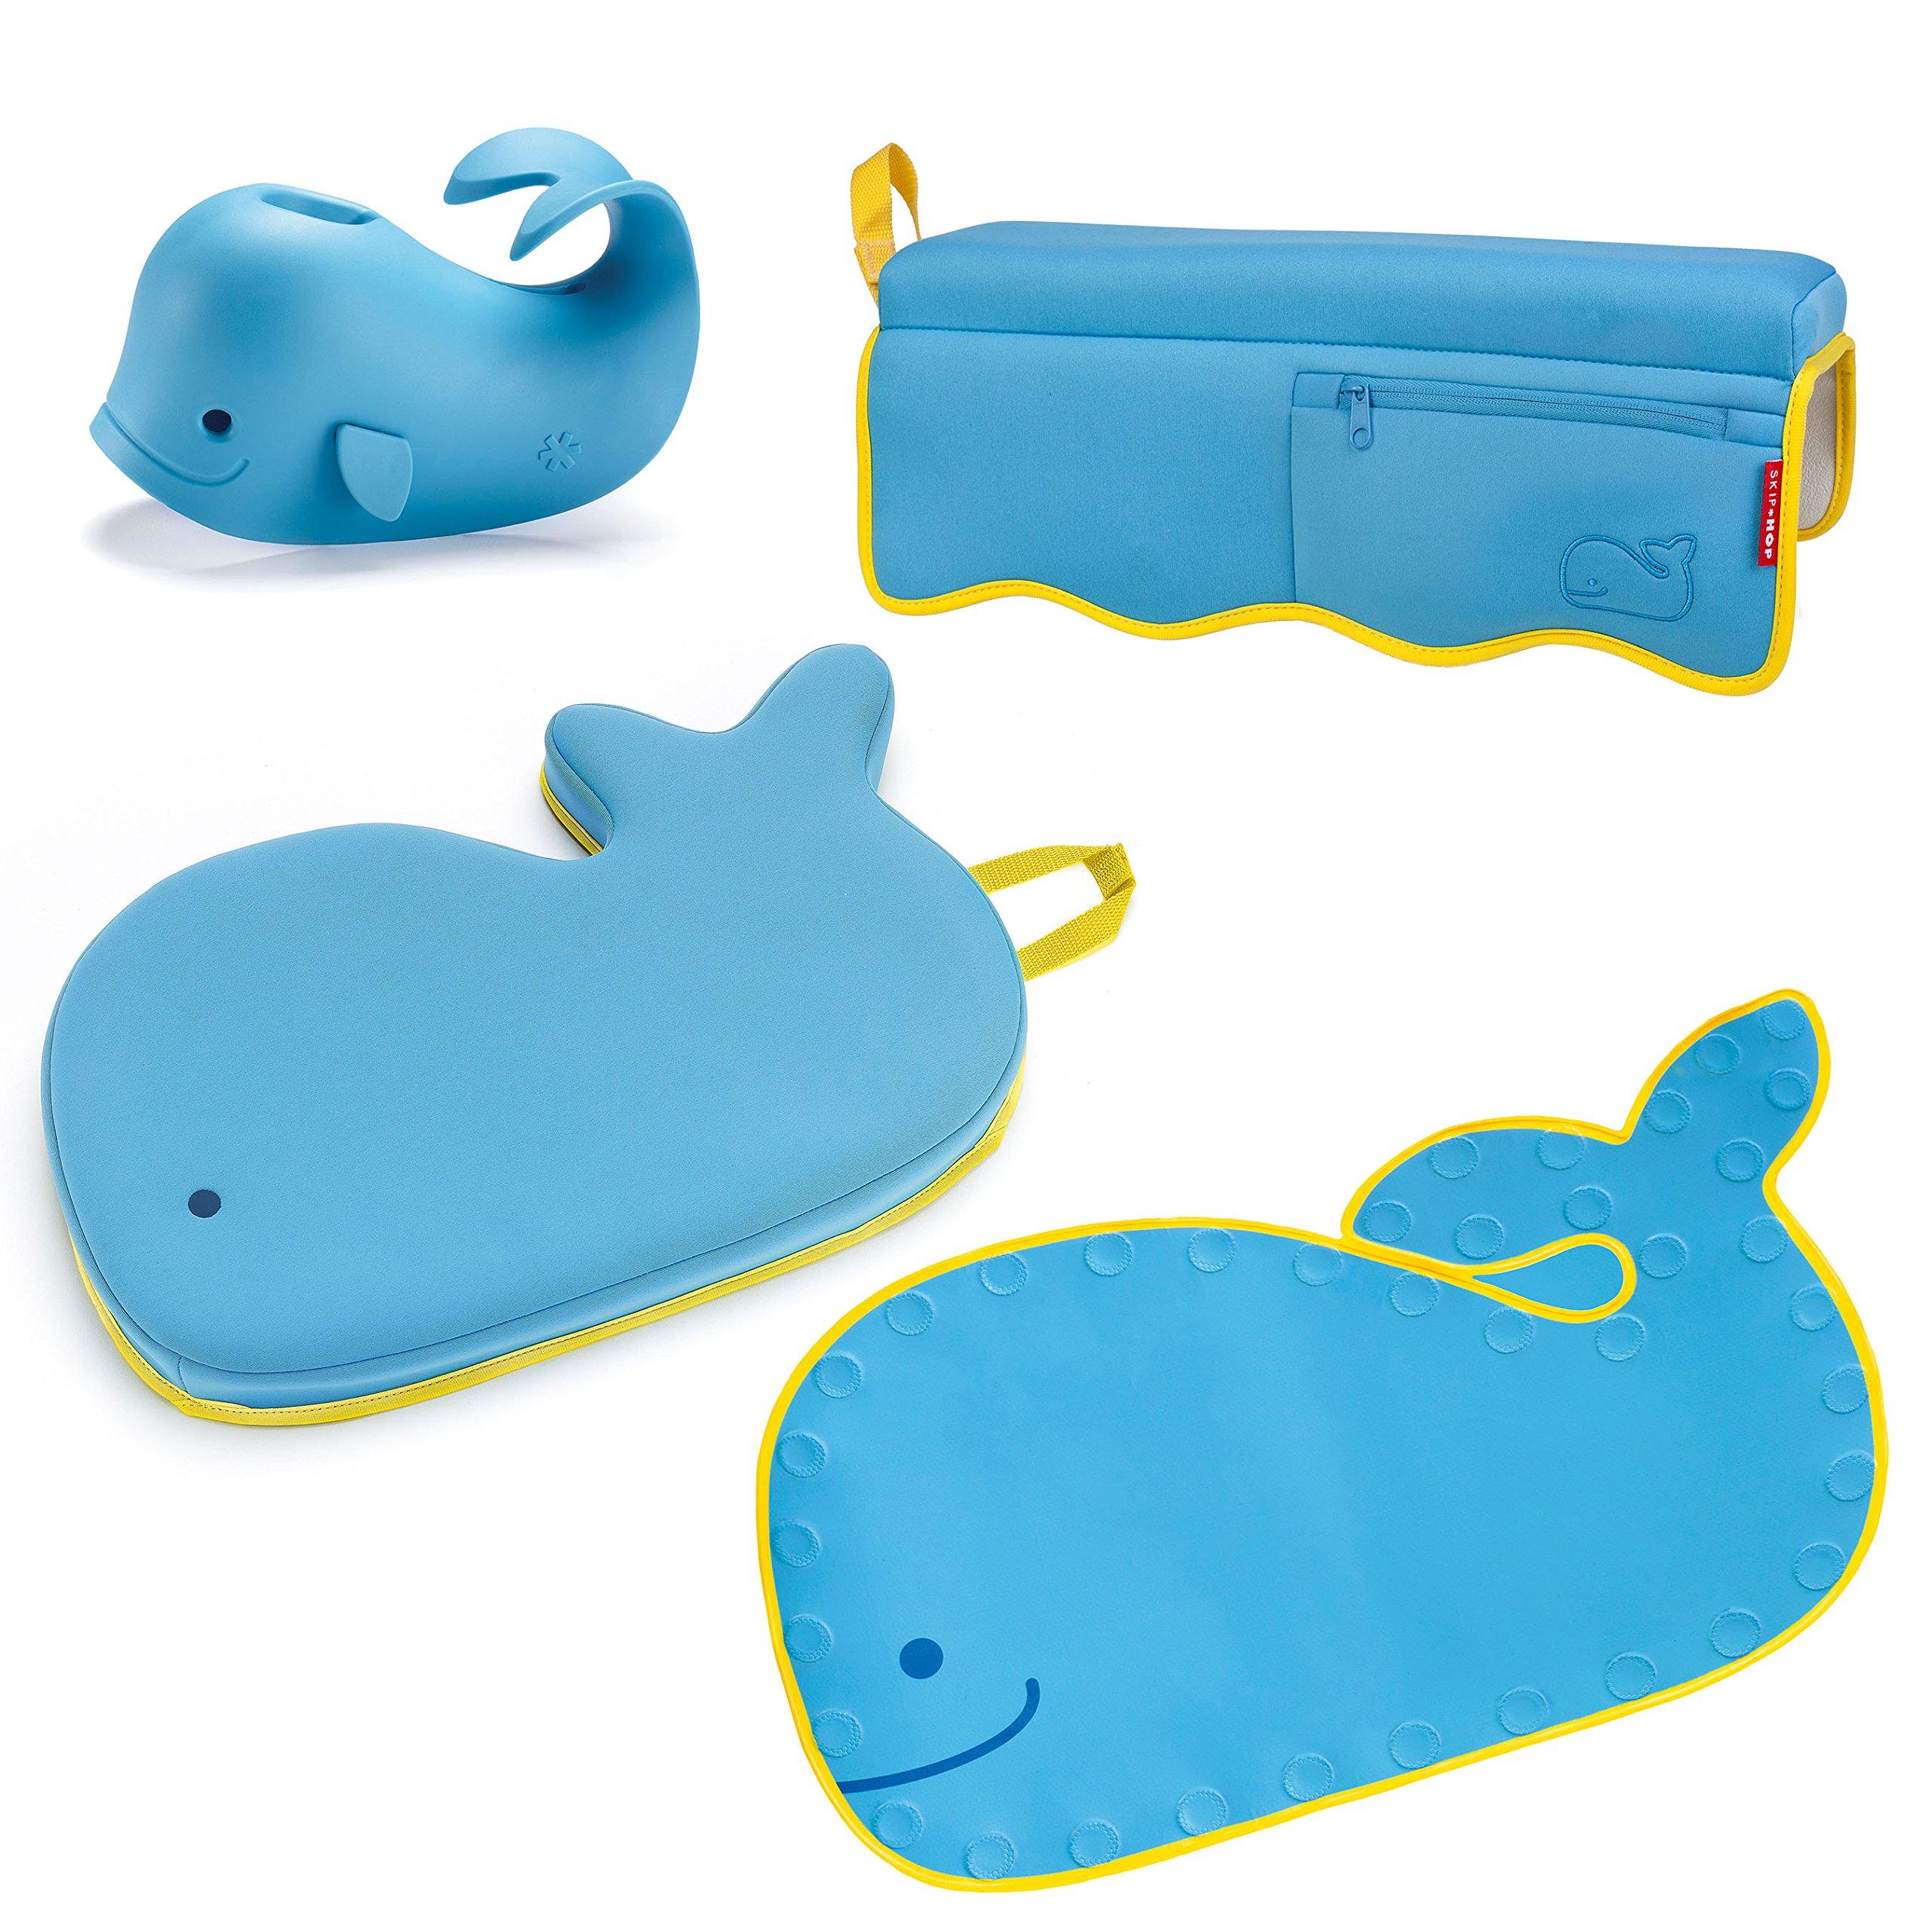 Skip Hop Moby Baby Bath Set, Four Bathtime Essentials - Spout Cover, Bath Kneeler, Elbow Pad, And Bath Mat, Blue